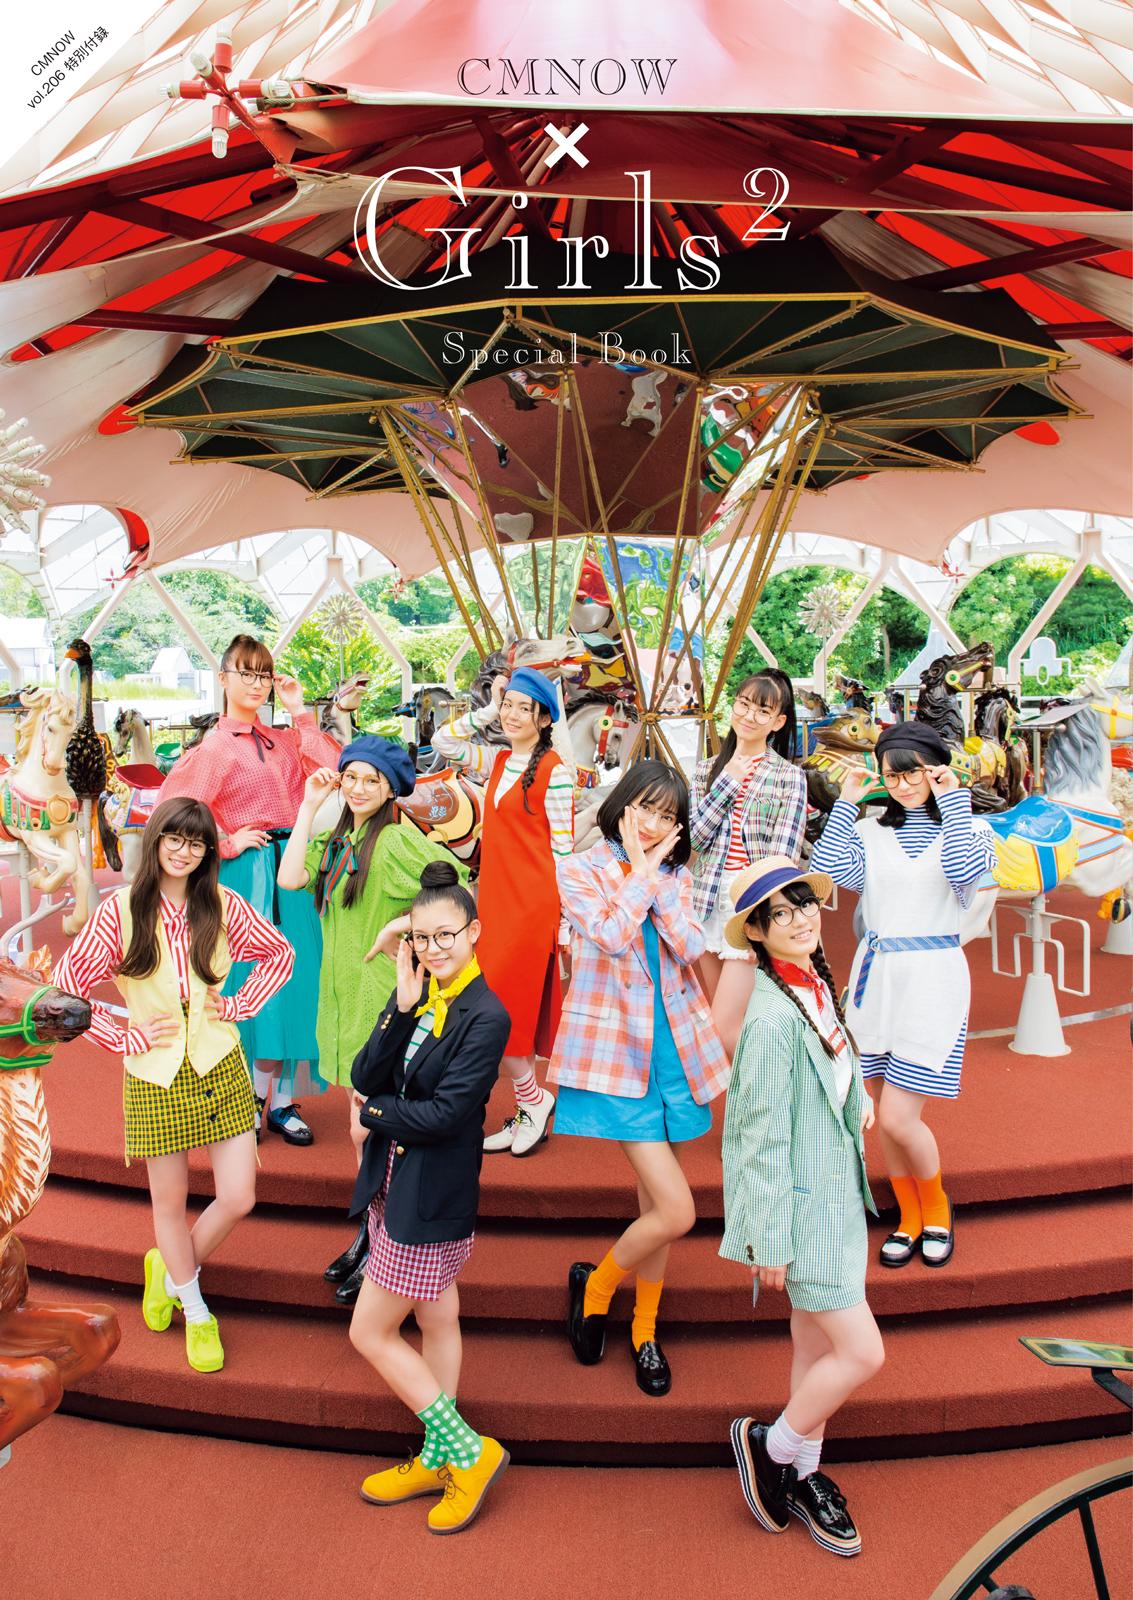 8月7日発売CMNOW小冊子に登場!のGirls²がコラボキャンペーンをモーリーファンタジー・PALOで開催!